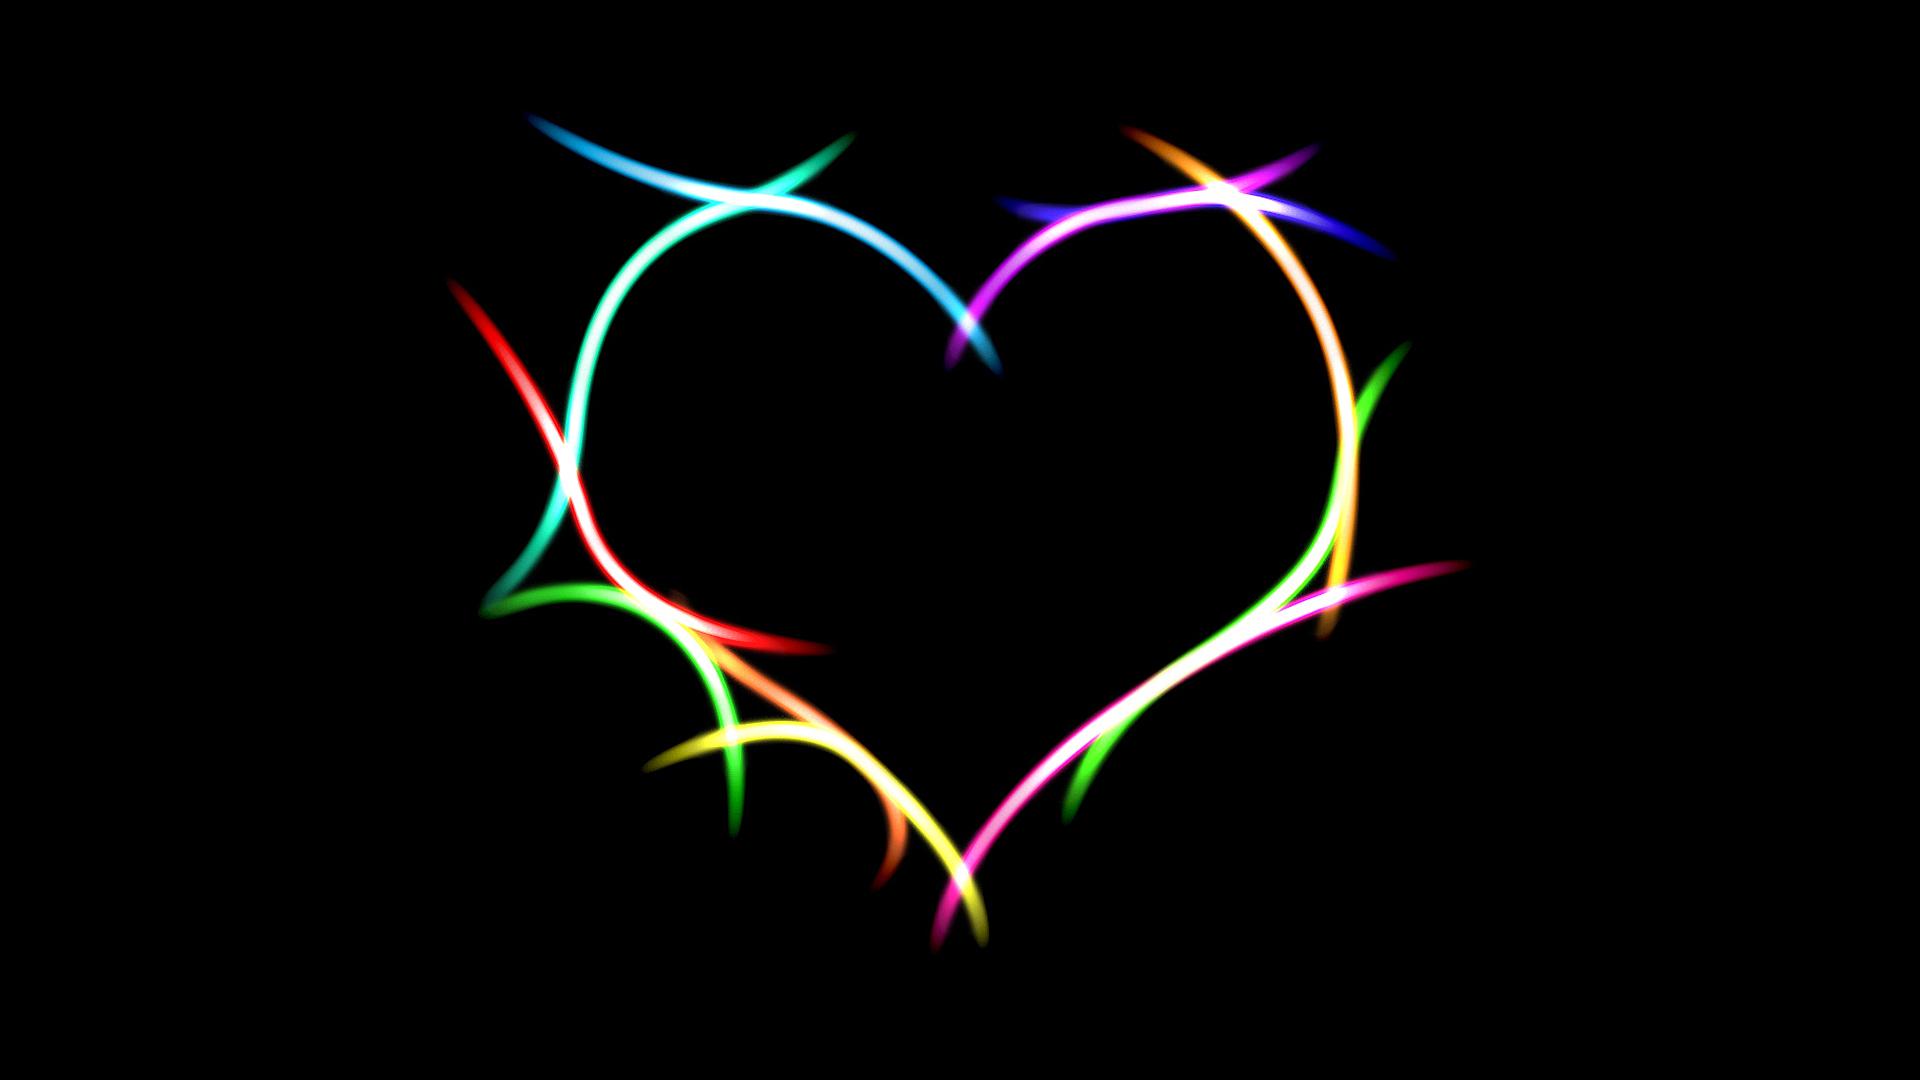 Красивые картинки с сердечками на черном фоне, жкх картинки красивые